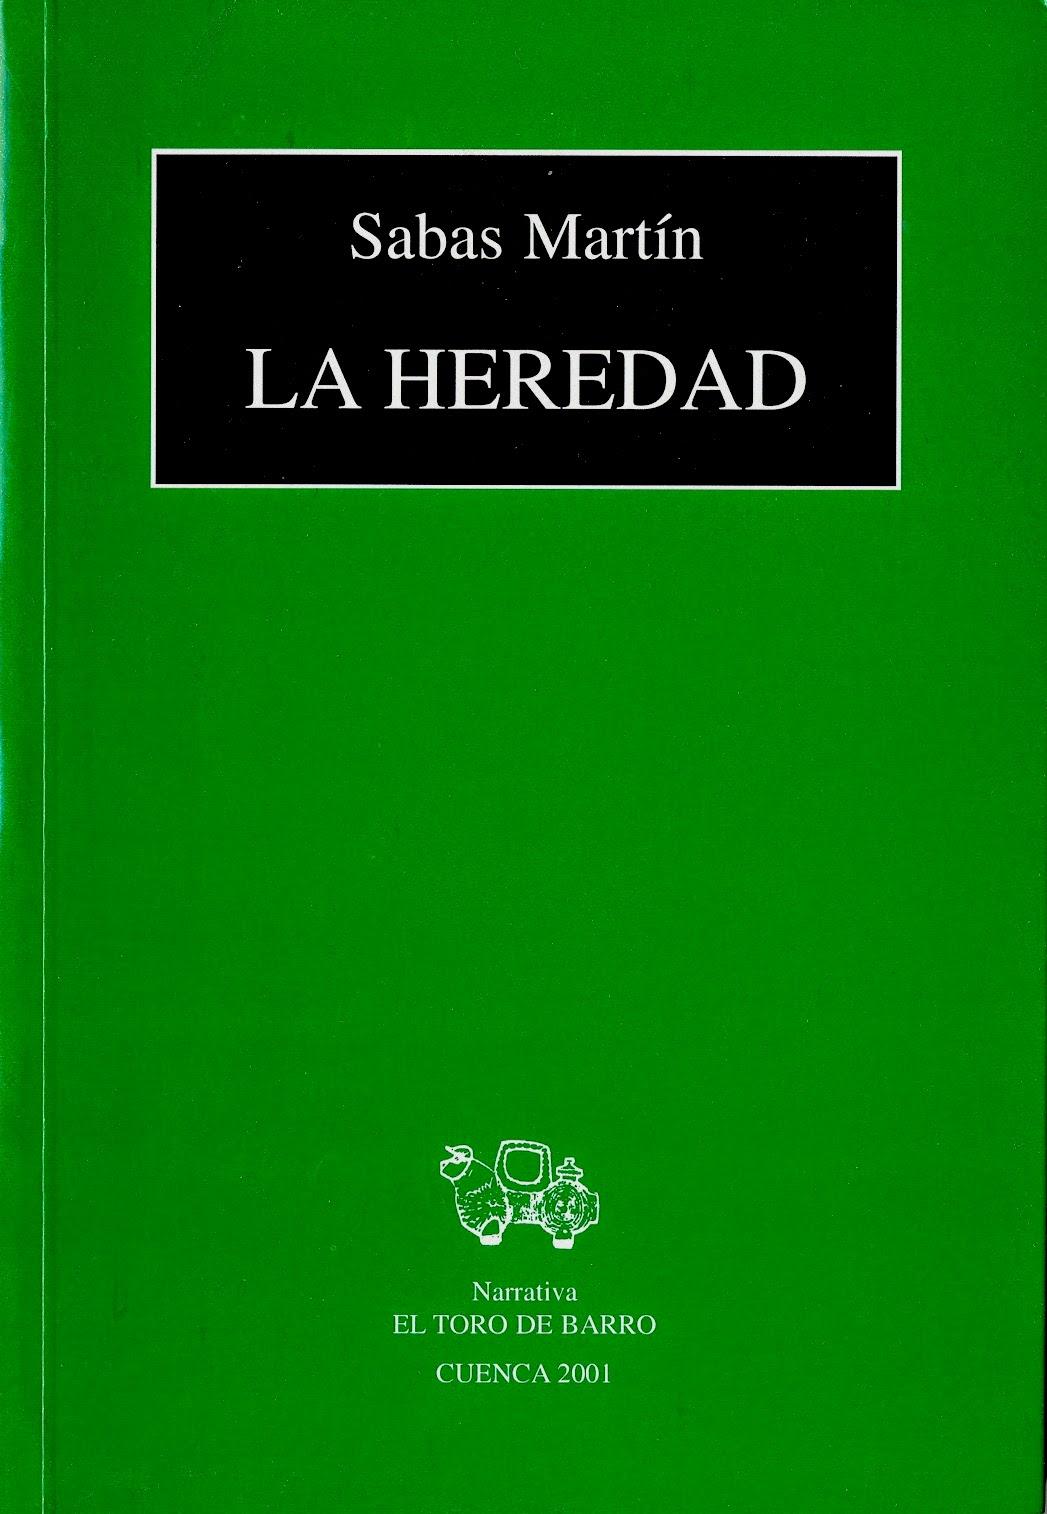 """Sabas Martín, """"La heredad"""", Col. «Novela», Carlos Morales Ed., Ed. El Toro de Barro, Tarancón de Cuenca, 2001. PVP 10 euros edicioneseltorodebarro@yahoo.es"""